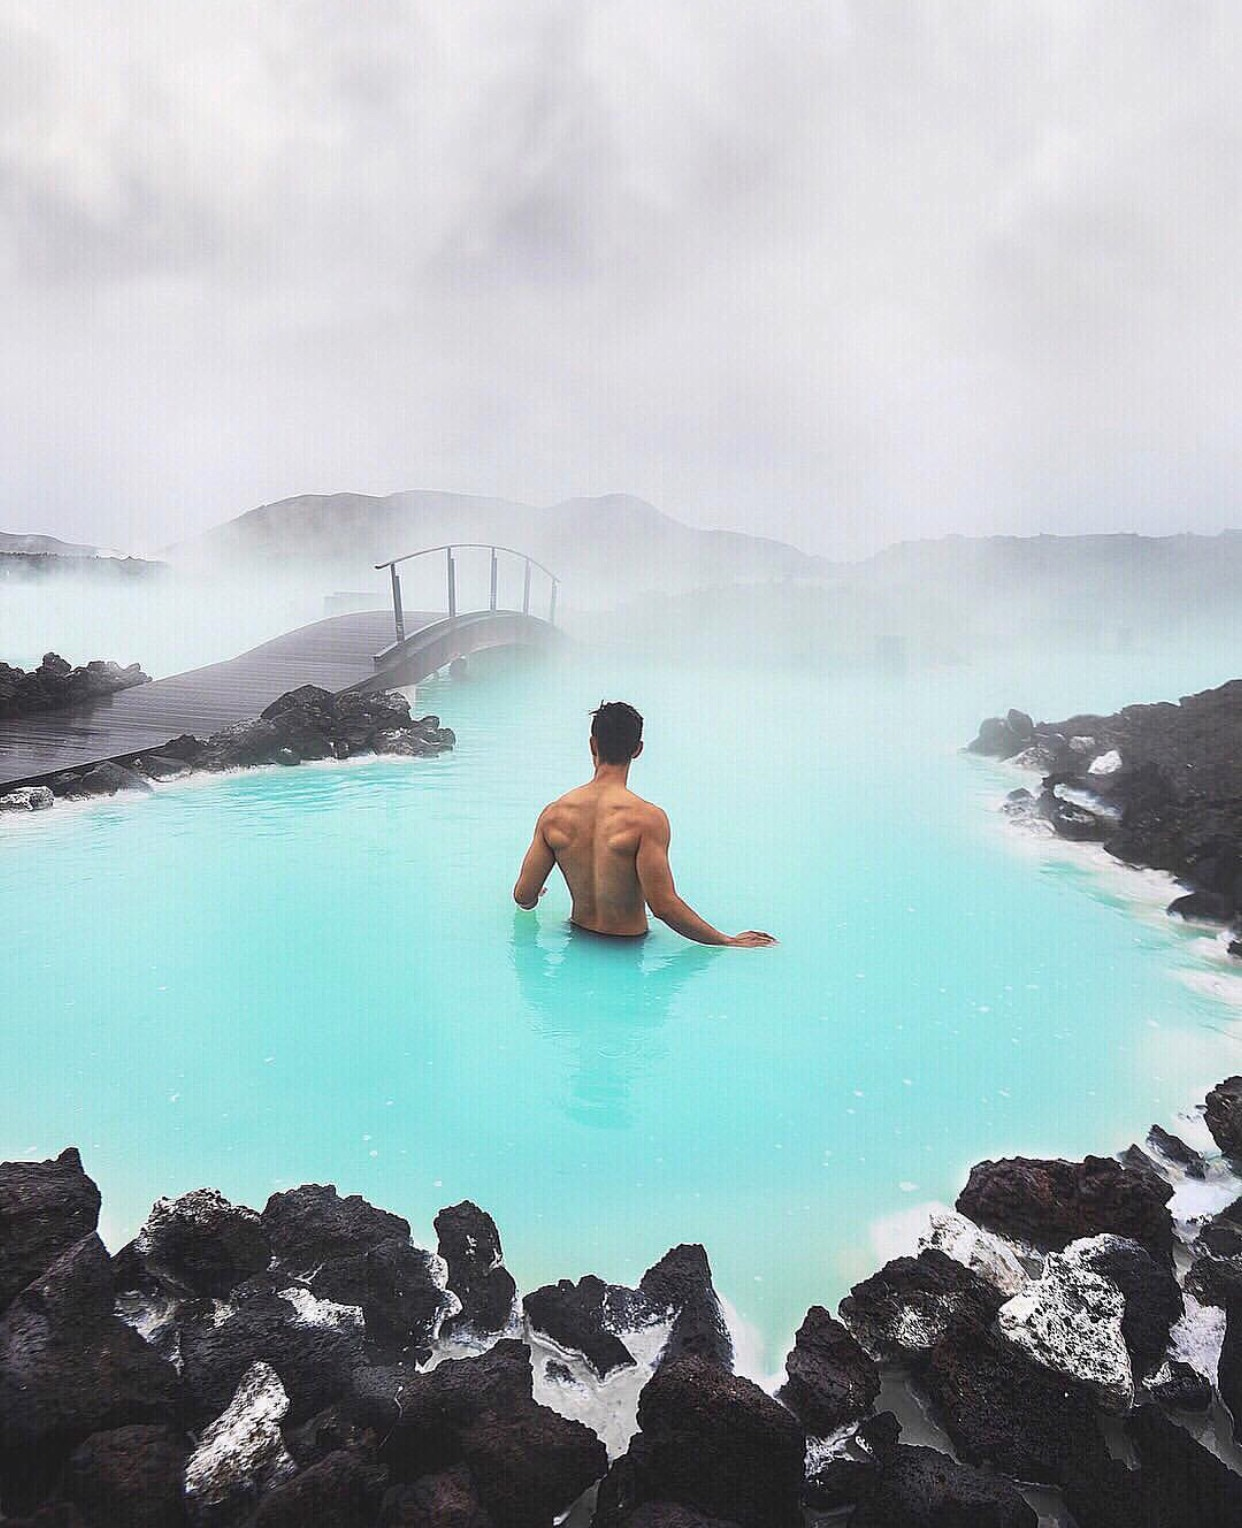 Có gì đặc biệt ở hồ nước nóng mà Bảo Anh vừa check-in một phát là có ngay 120k likes trên Instagram? - Ảnh 8.